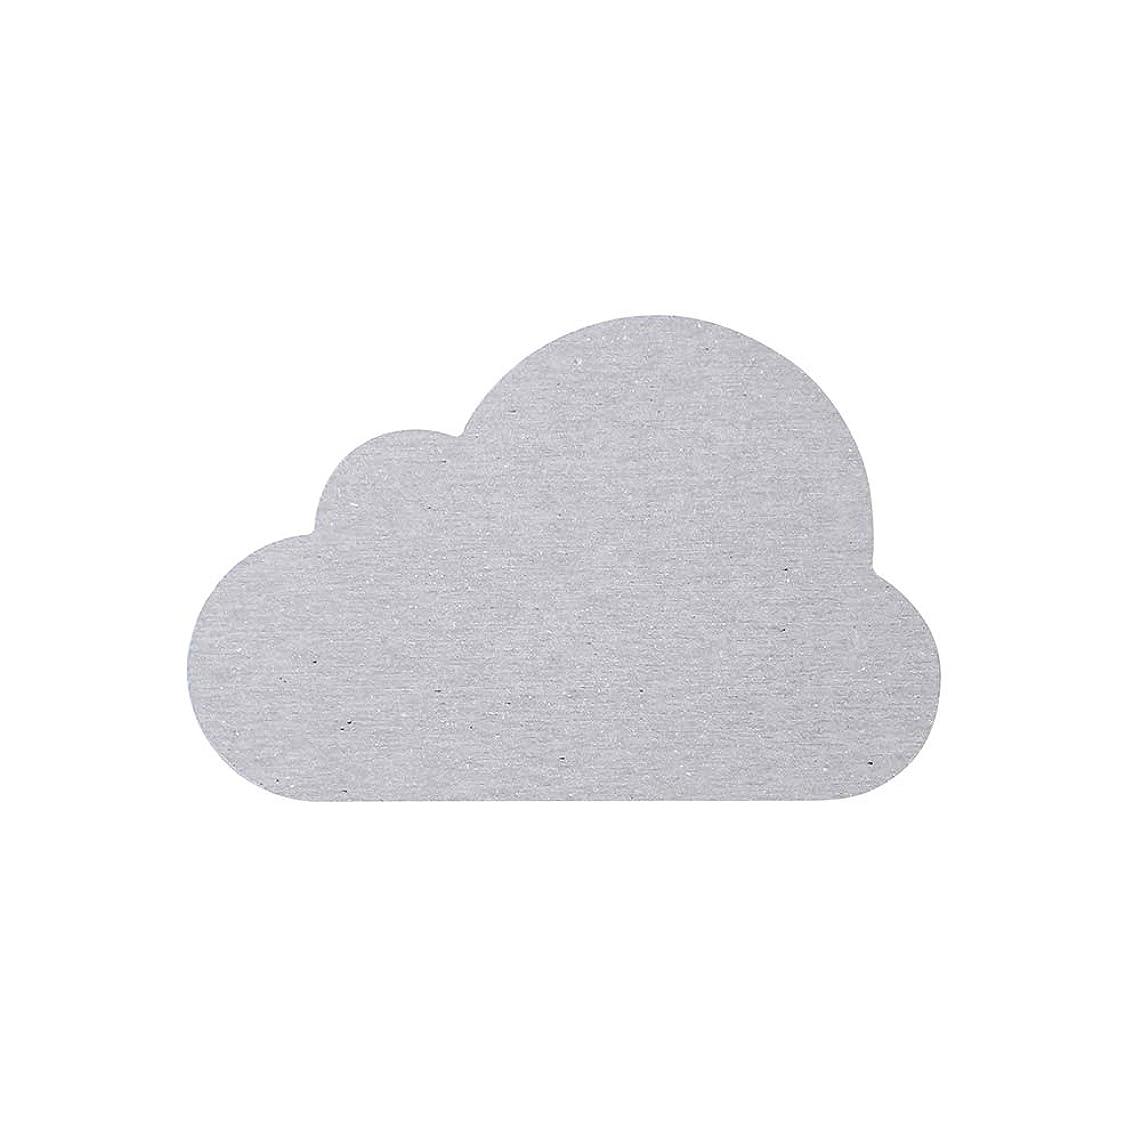 大胆なふける最も早いアンドエヌイー(&NE) 珪藻土コースター Cloud 雲 グレイ NIT-086-GY